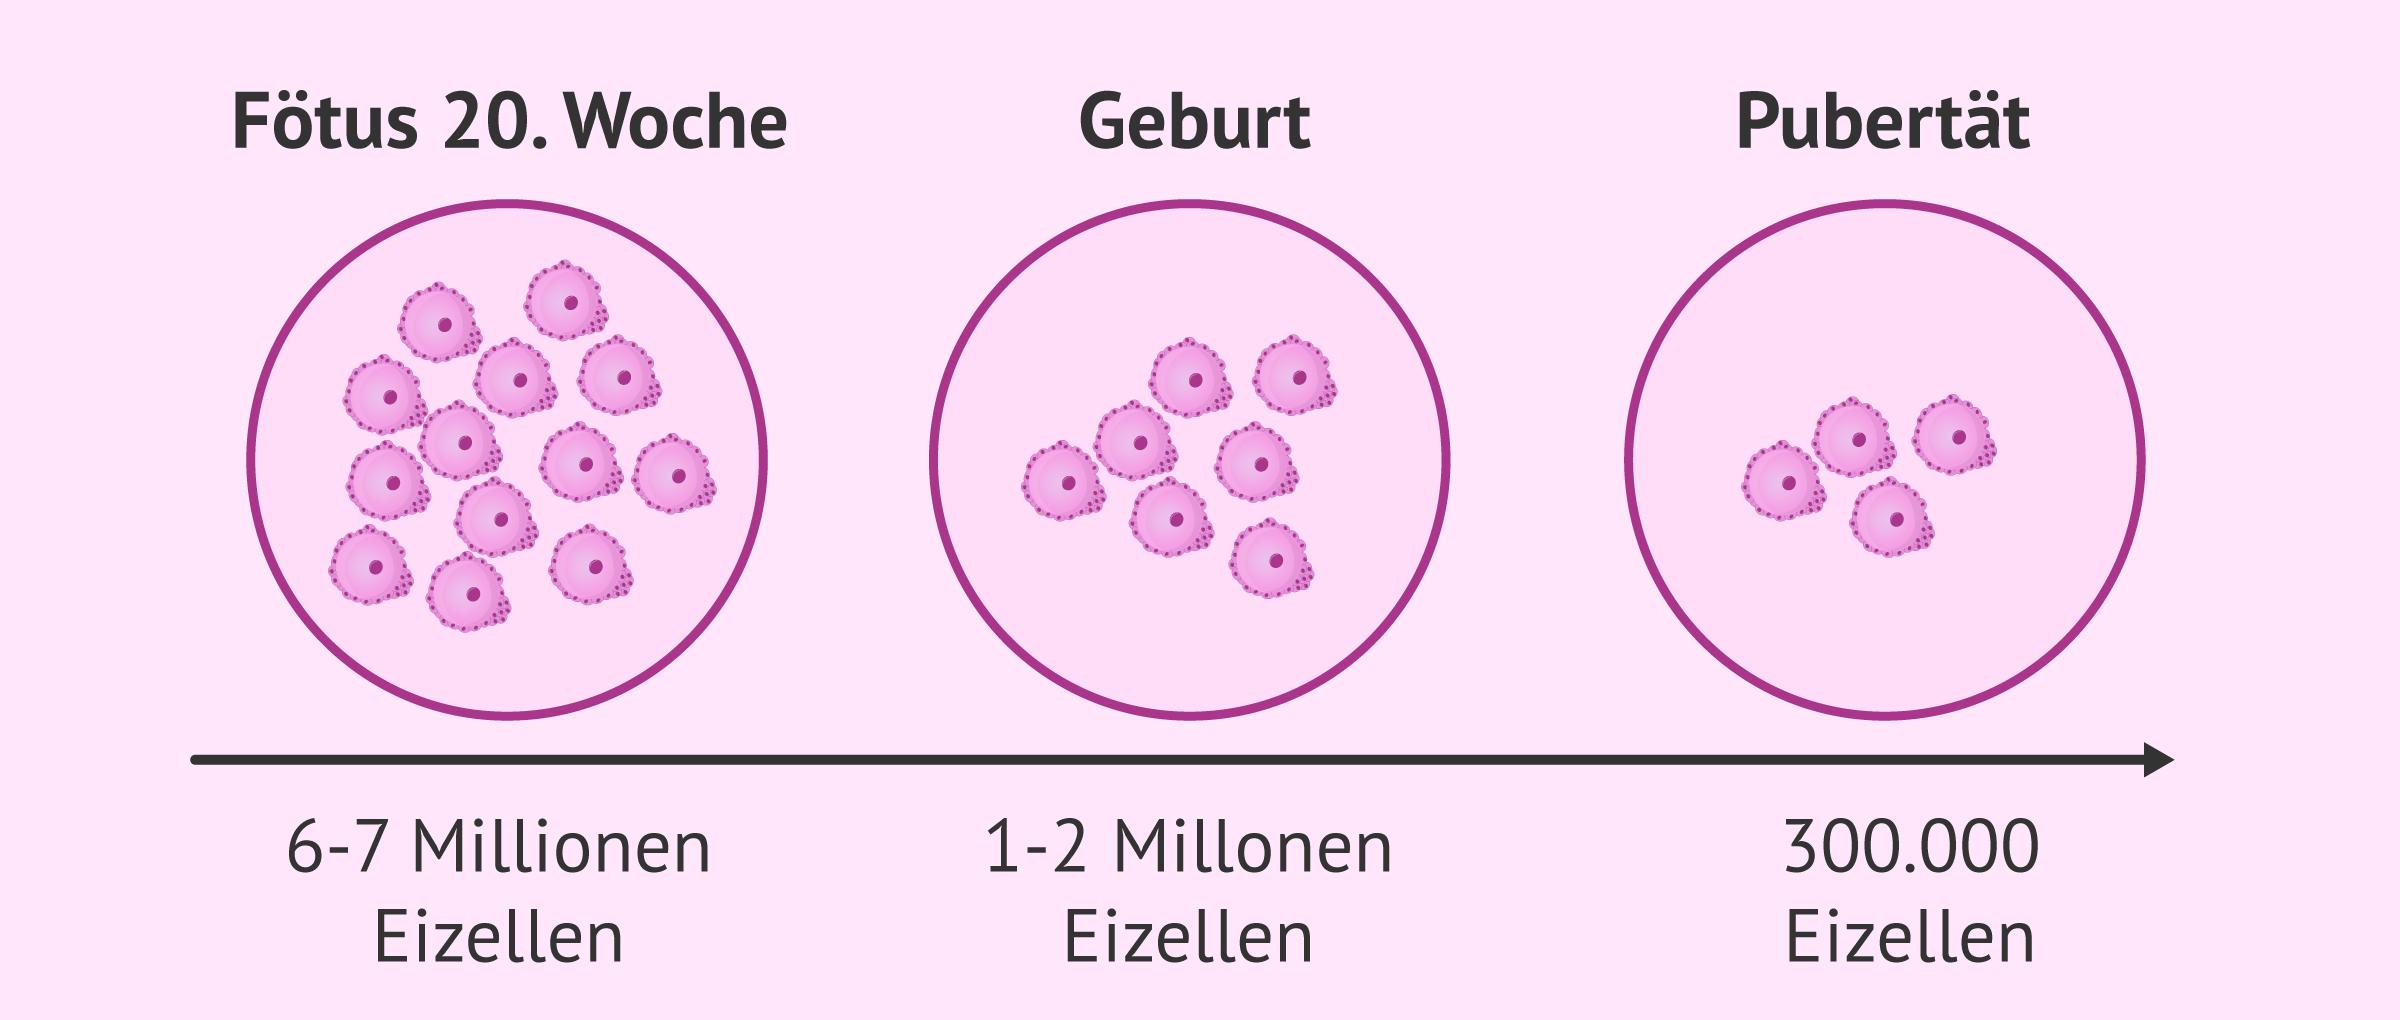 Erschöpfung der Eizellenreserve